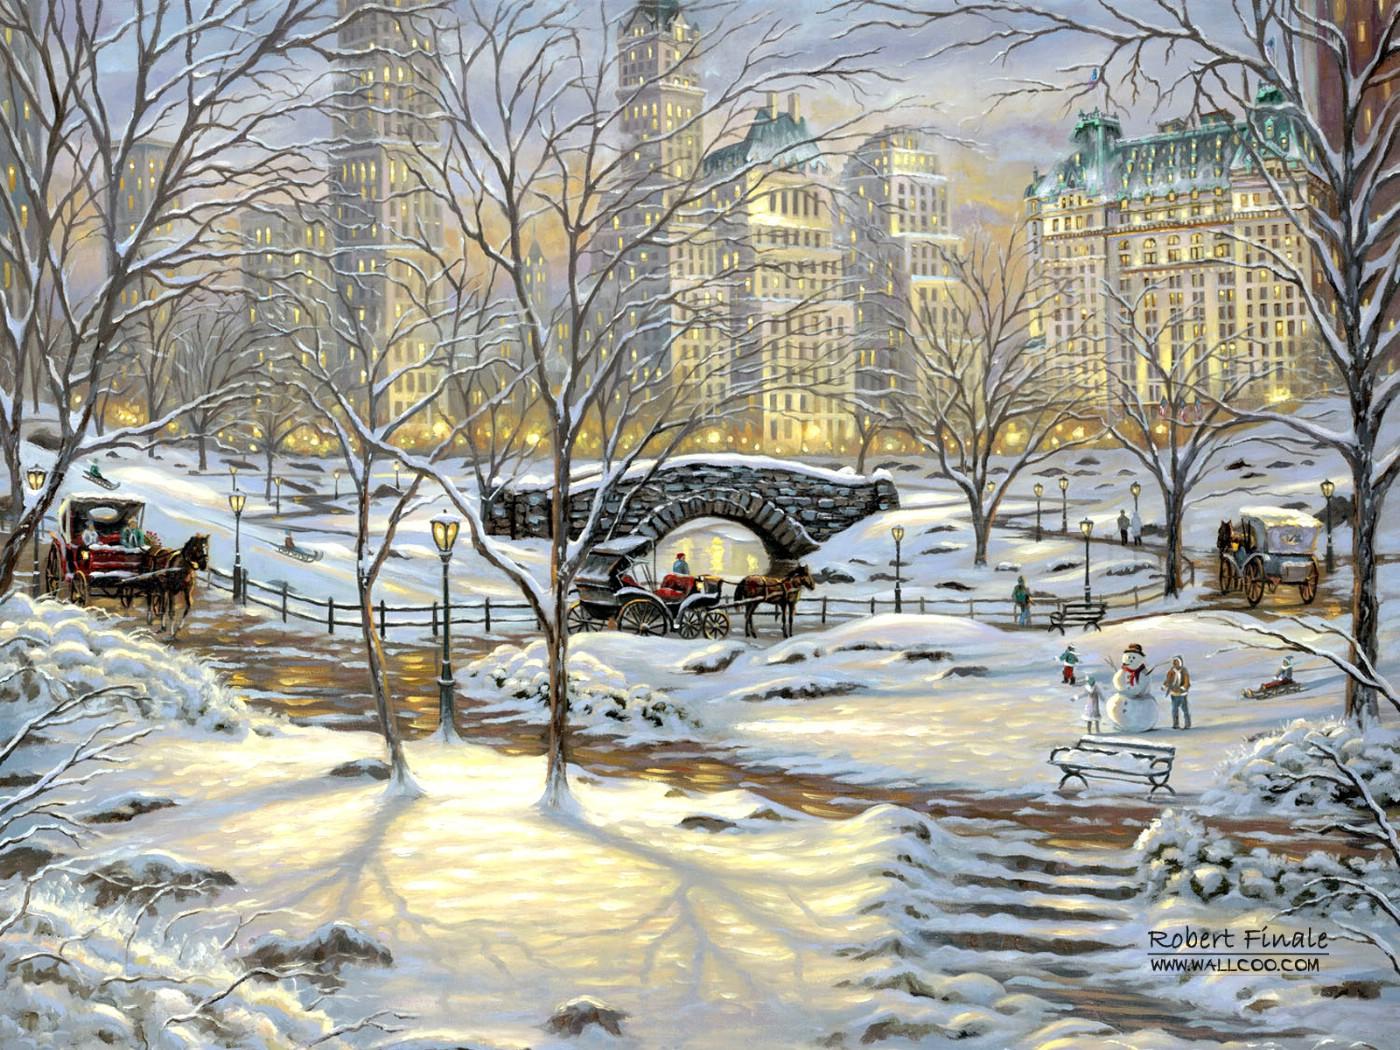 冬天的景色繪畫圖片_冬天的圖片景色大圖_冬天景片大全